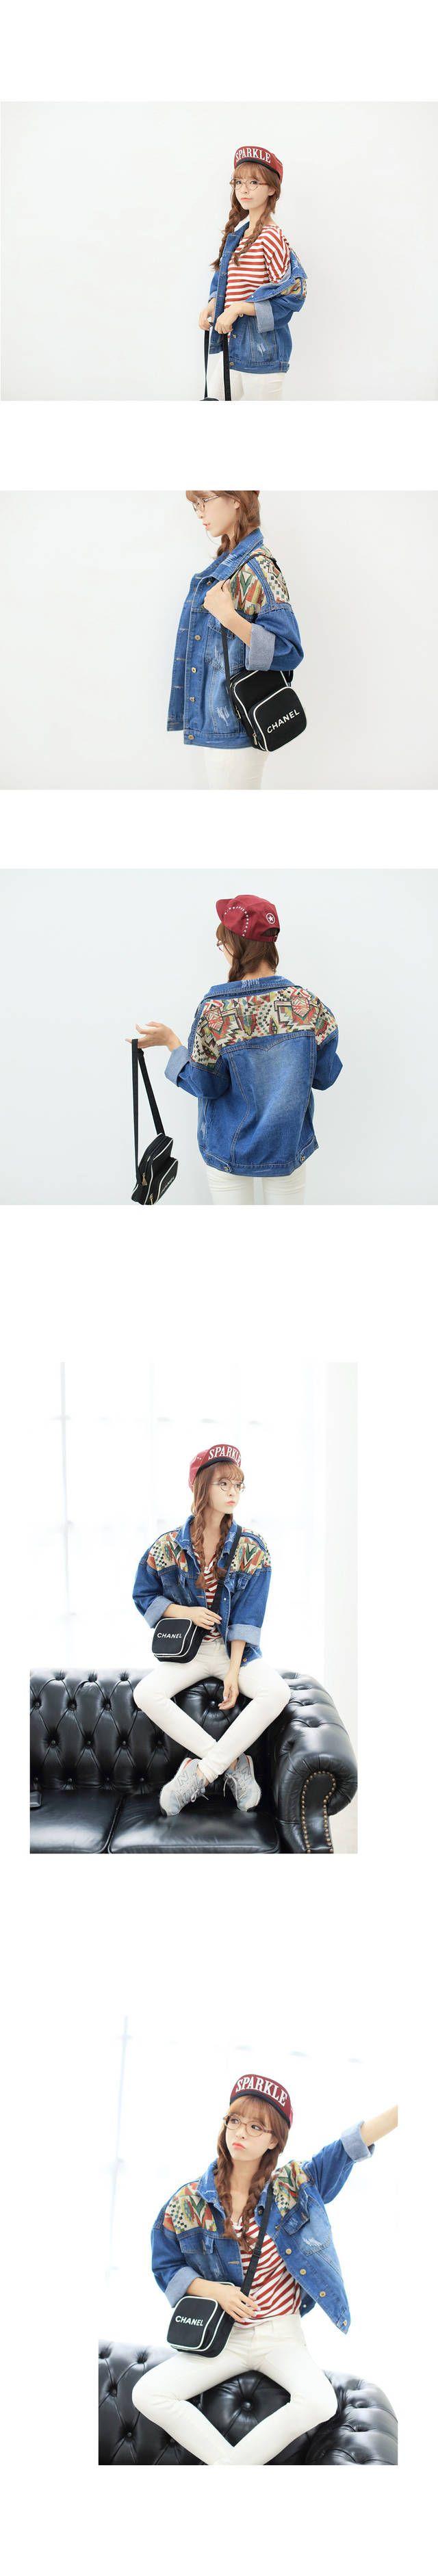 Корейский институт по делам национальностей судоходных сладкий стиль ретро цвет тотем вышивка шить свободные рукава летучая мышь джинсовую к ...